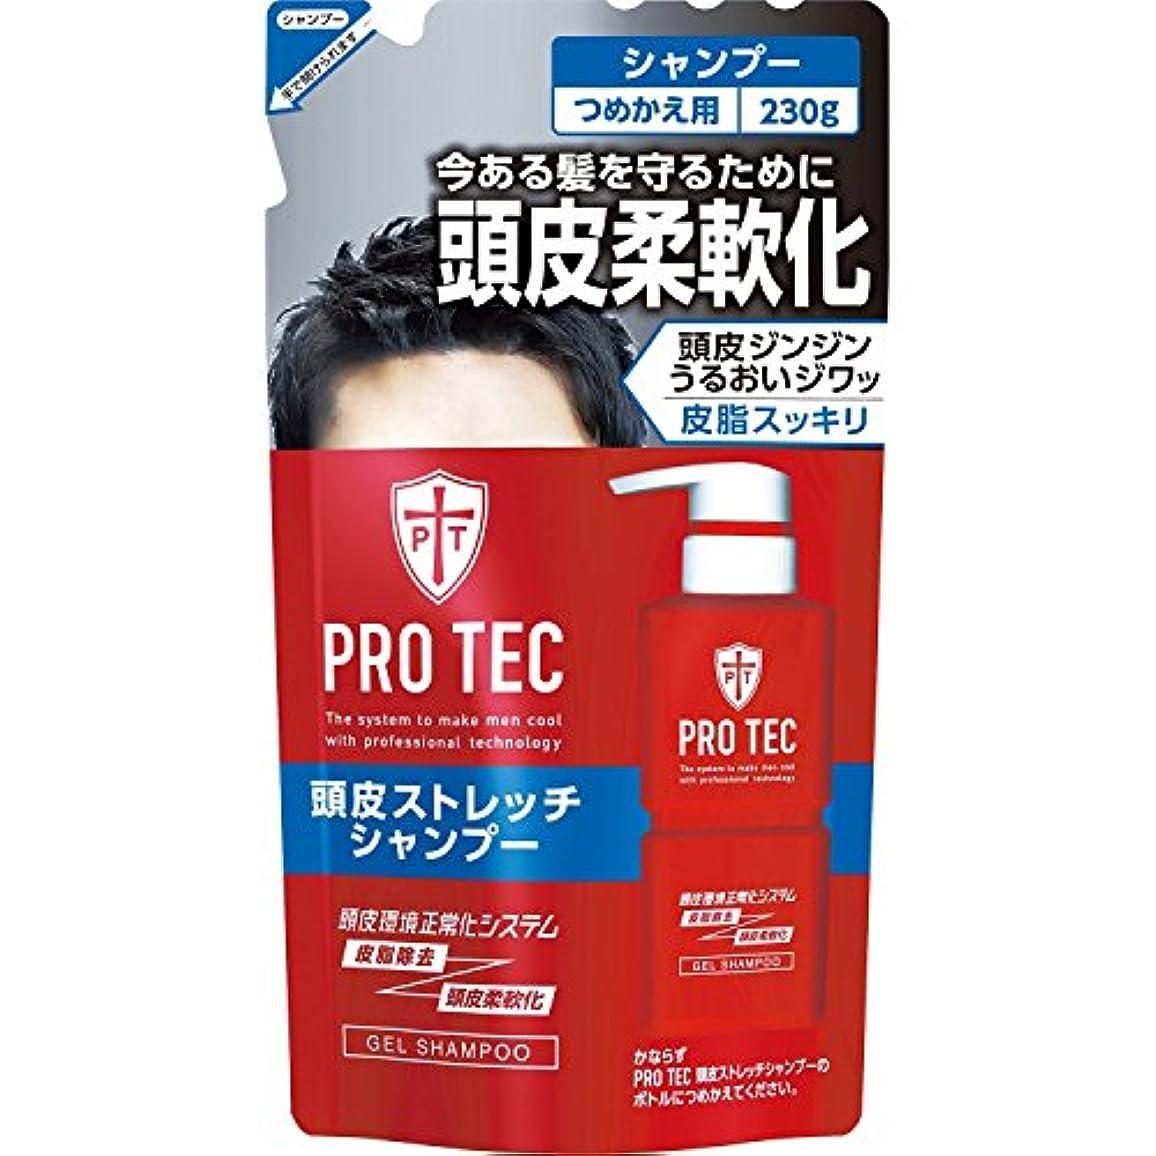 集中銀迷路PRO TEC(プロテク) 頭皮ストレッチ シャンプー 詰め替え 230g(医薬部外品)